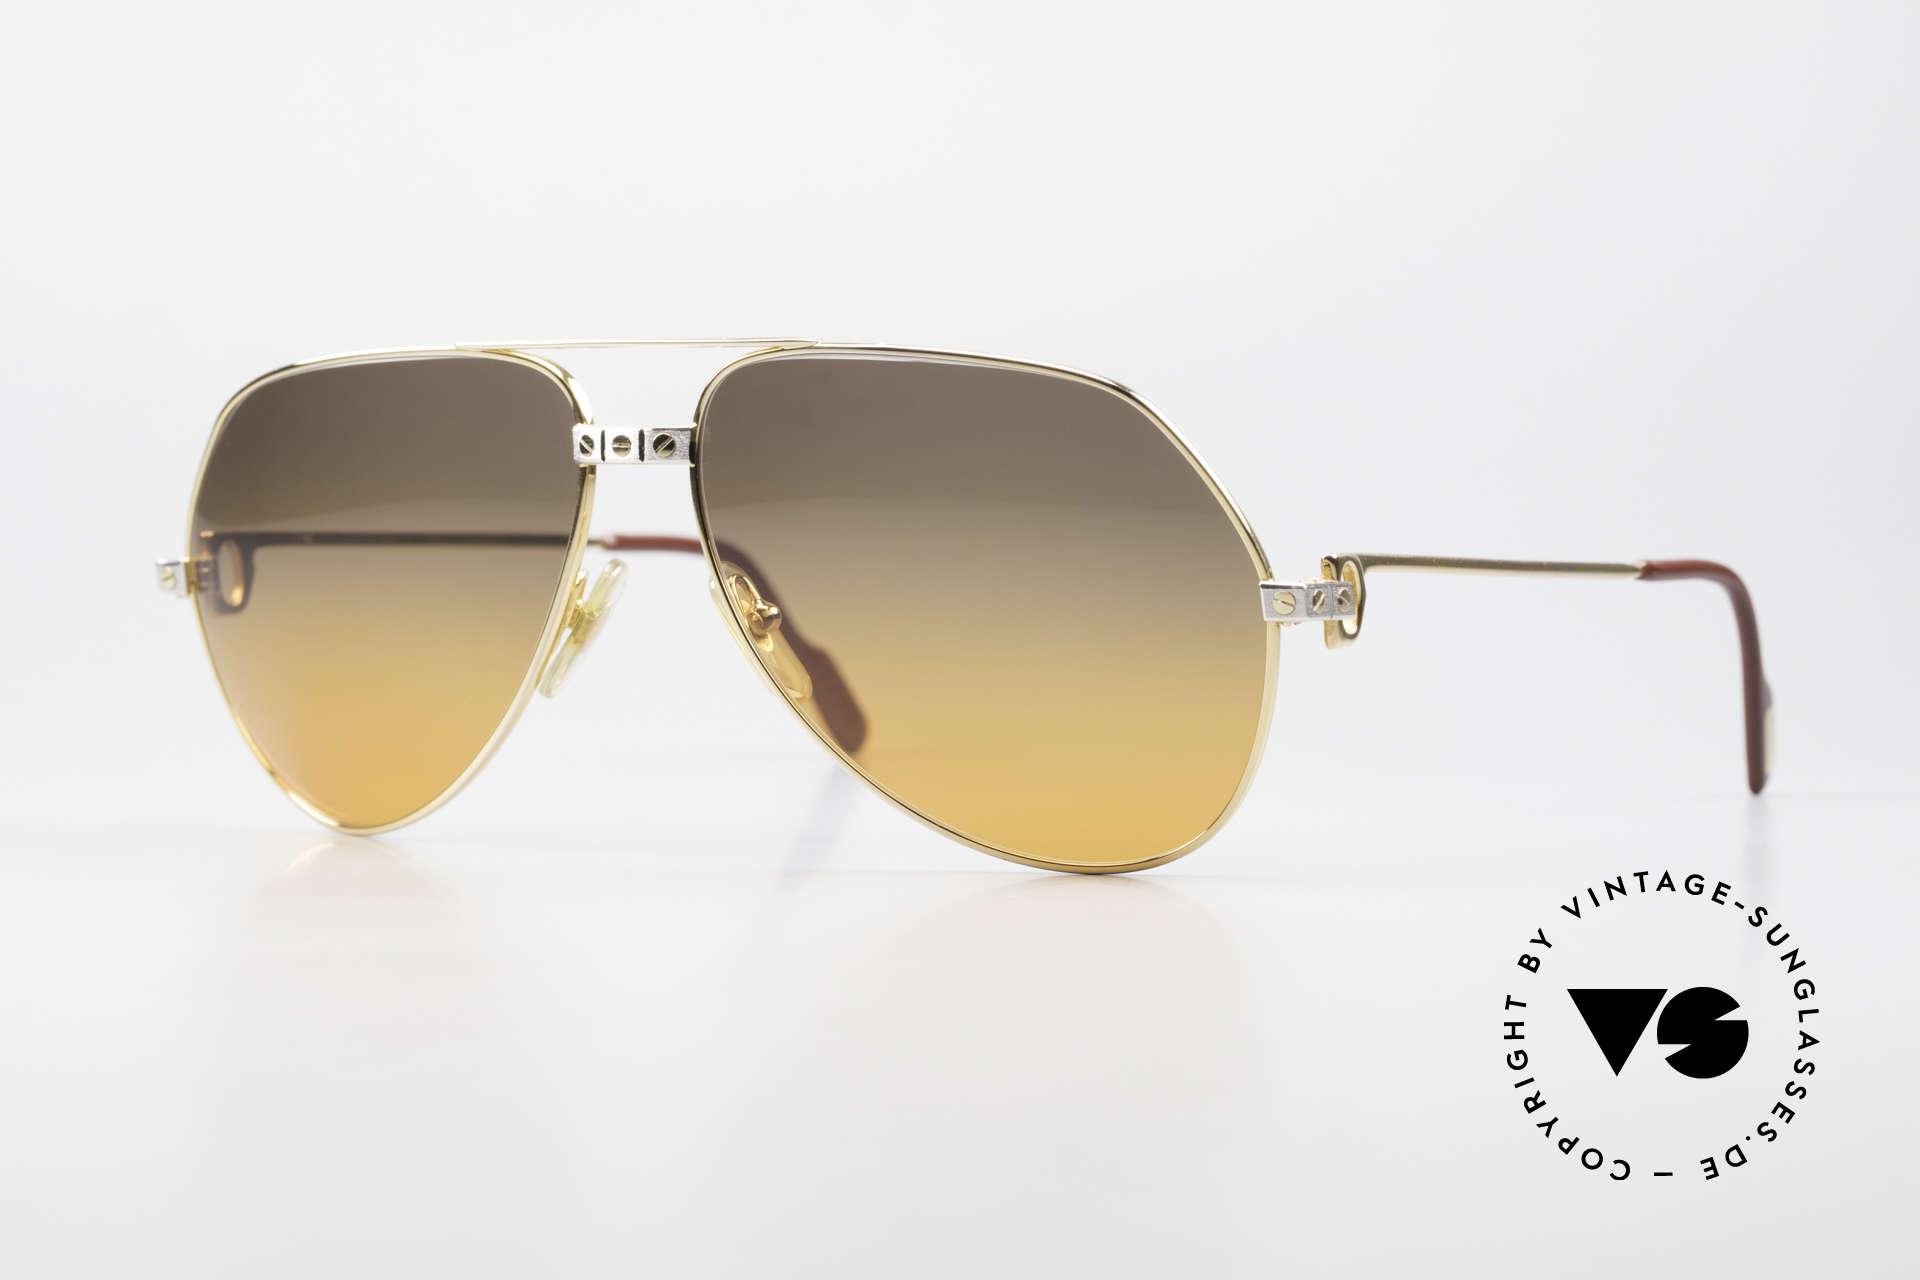 Cartier Vendome Santos - L Double Gradient Desert Storm, old 1980's CARTIER Vendome SANTOS pilots sunglasses, Made for Men